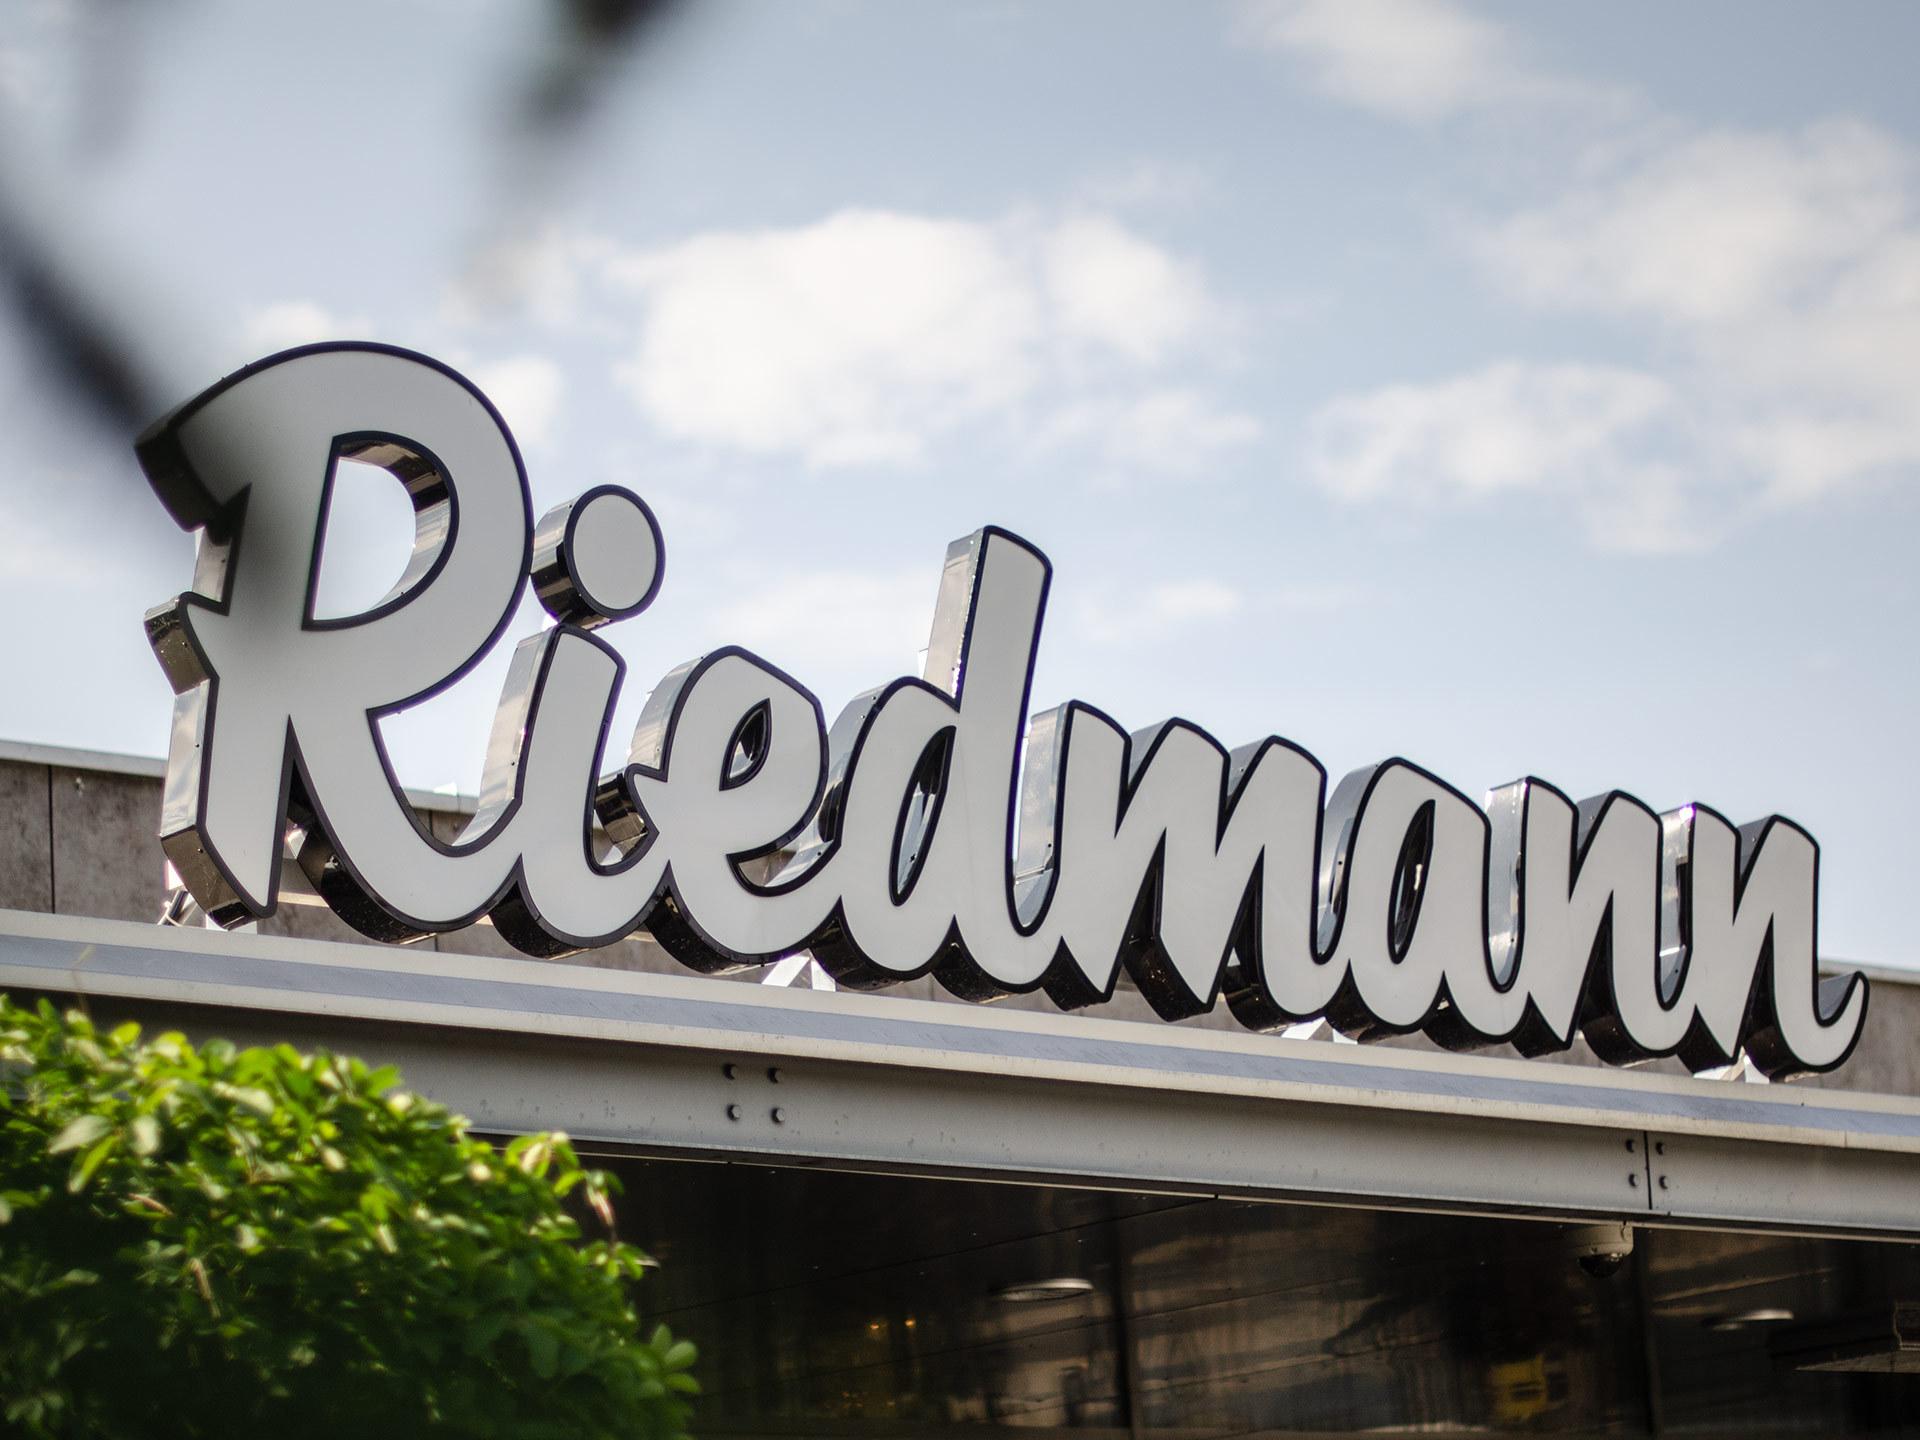 Riedmann_1